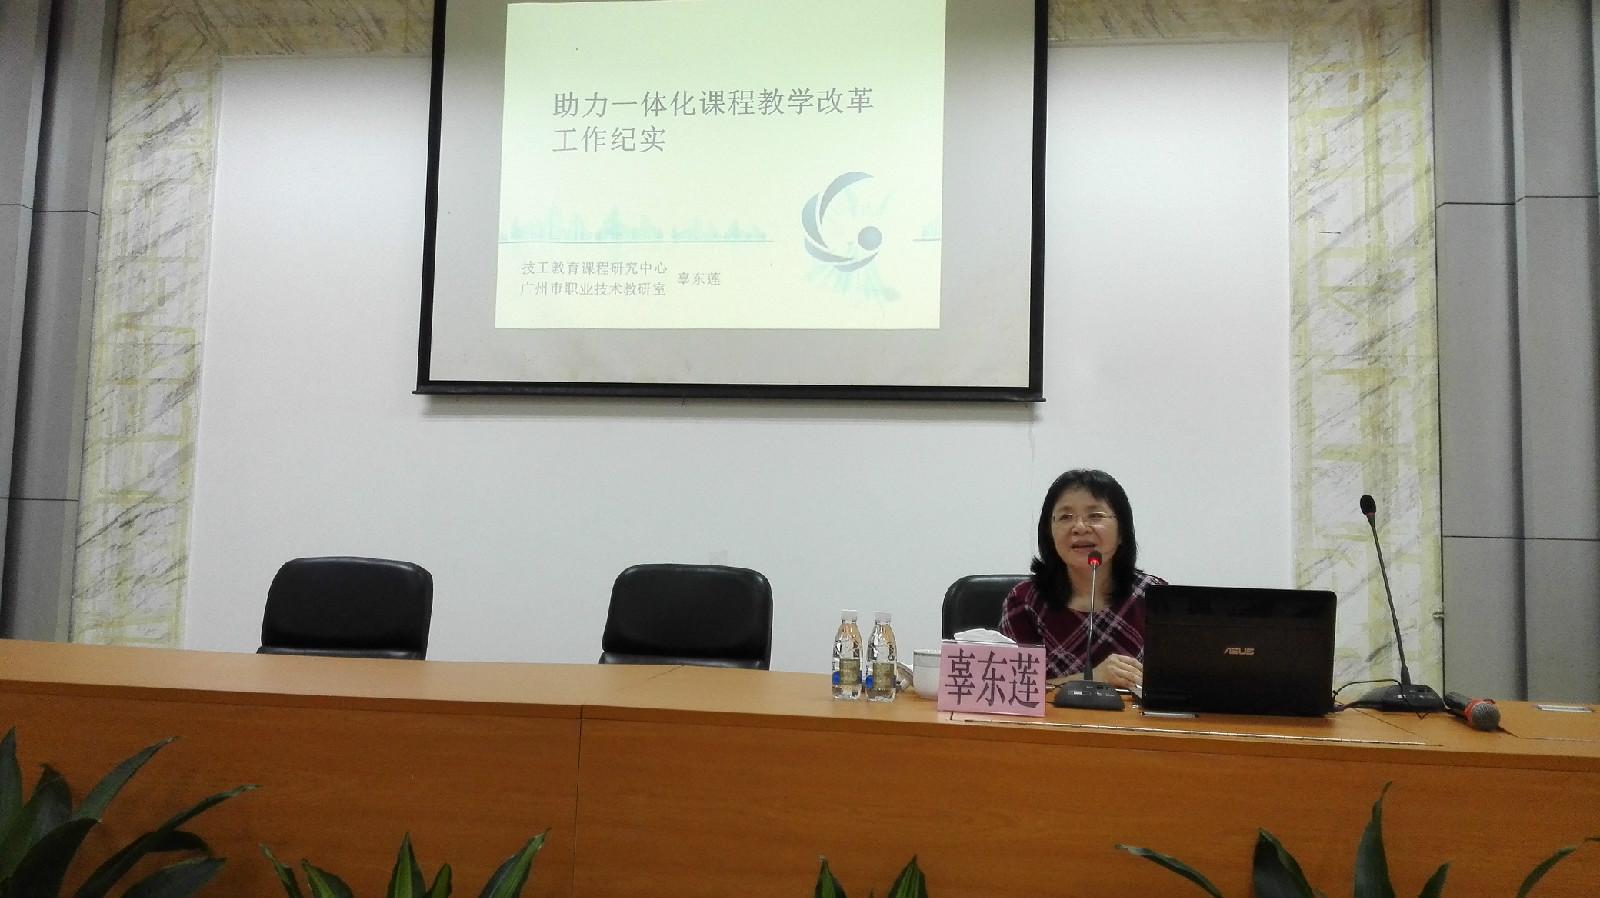 广州市技工教育的发展动态与改革趋势——辜东莲主任来我院讲学